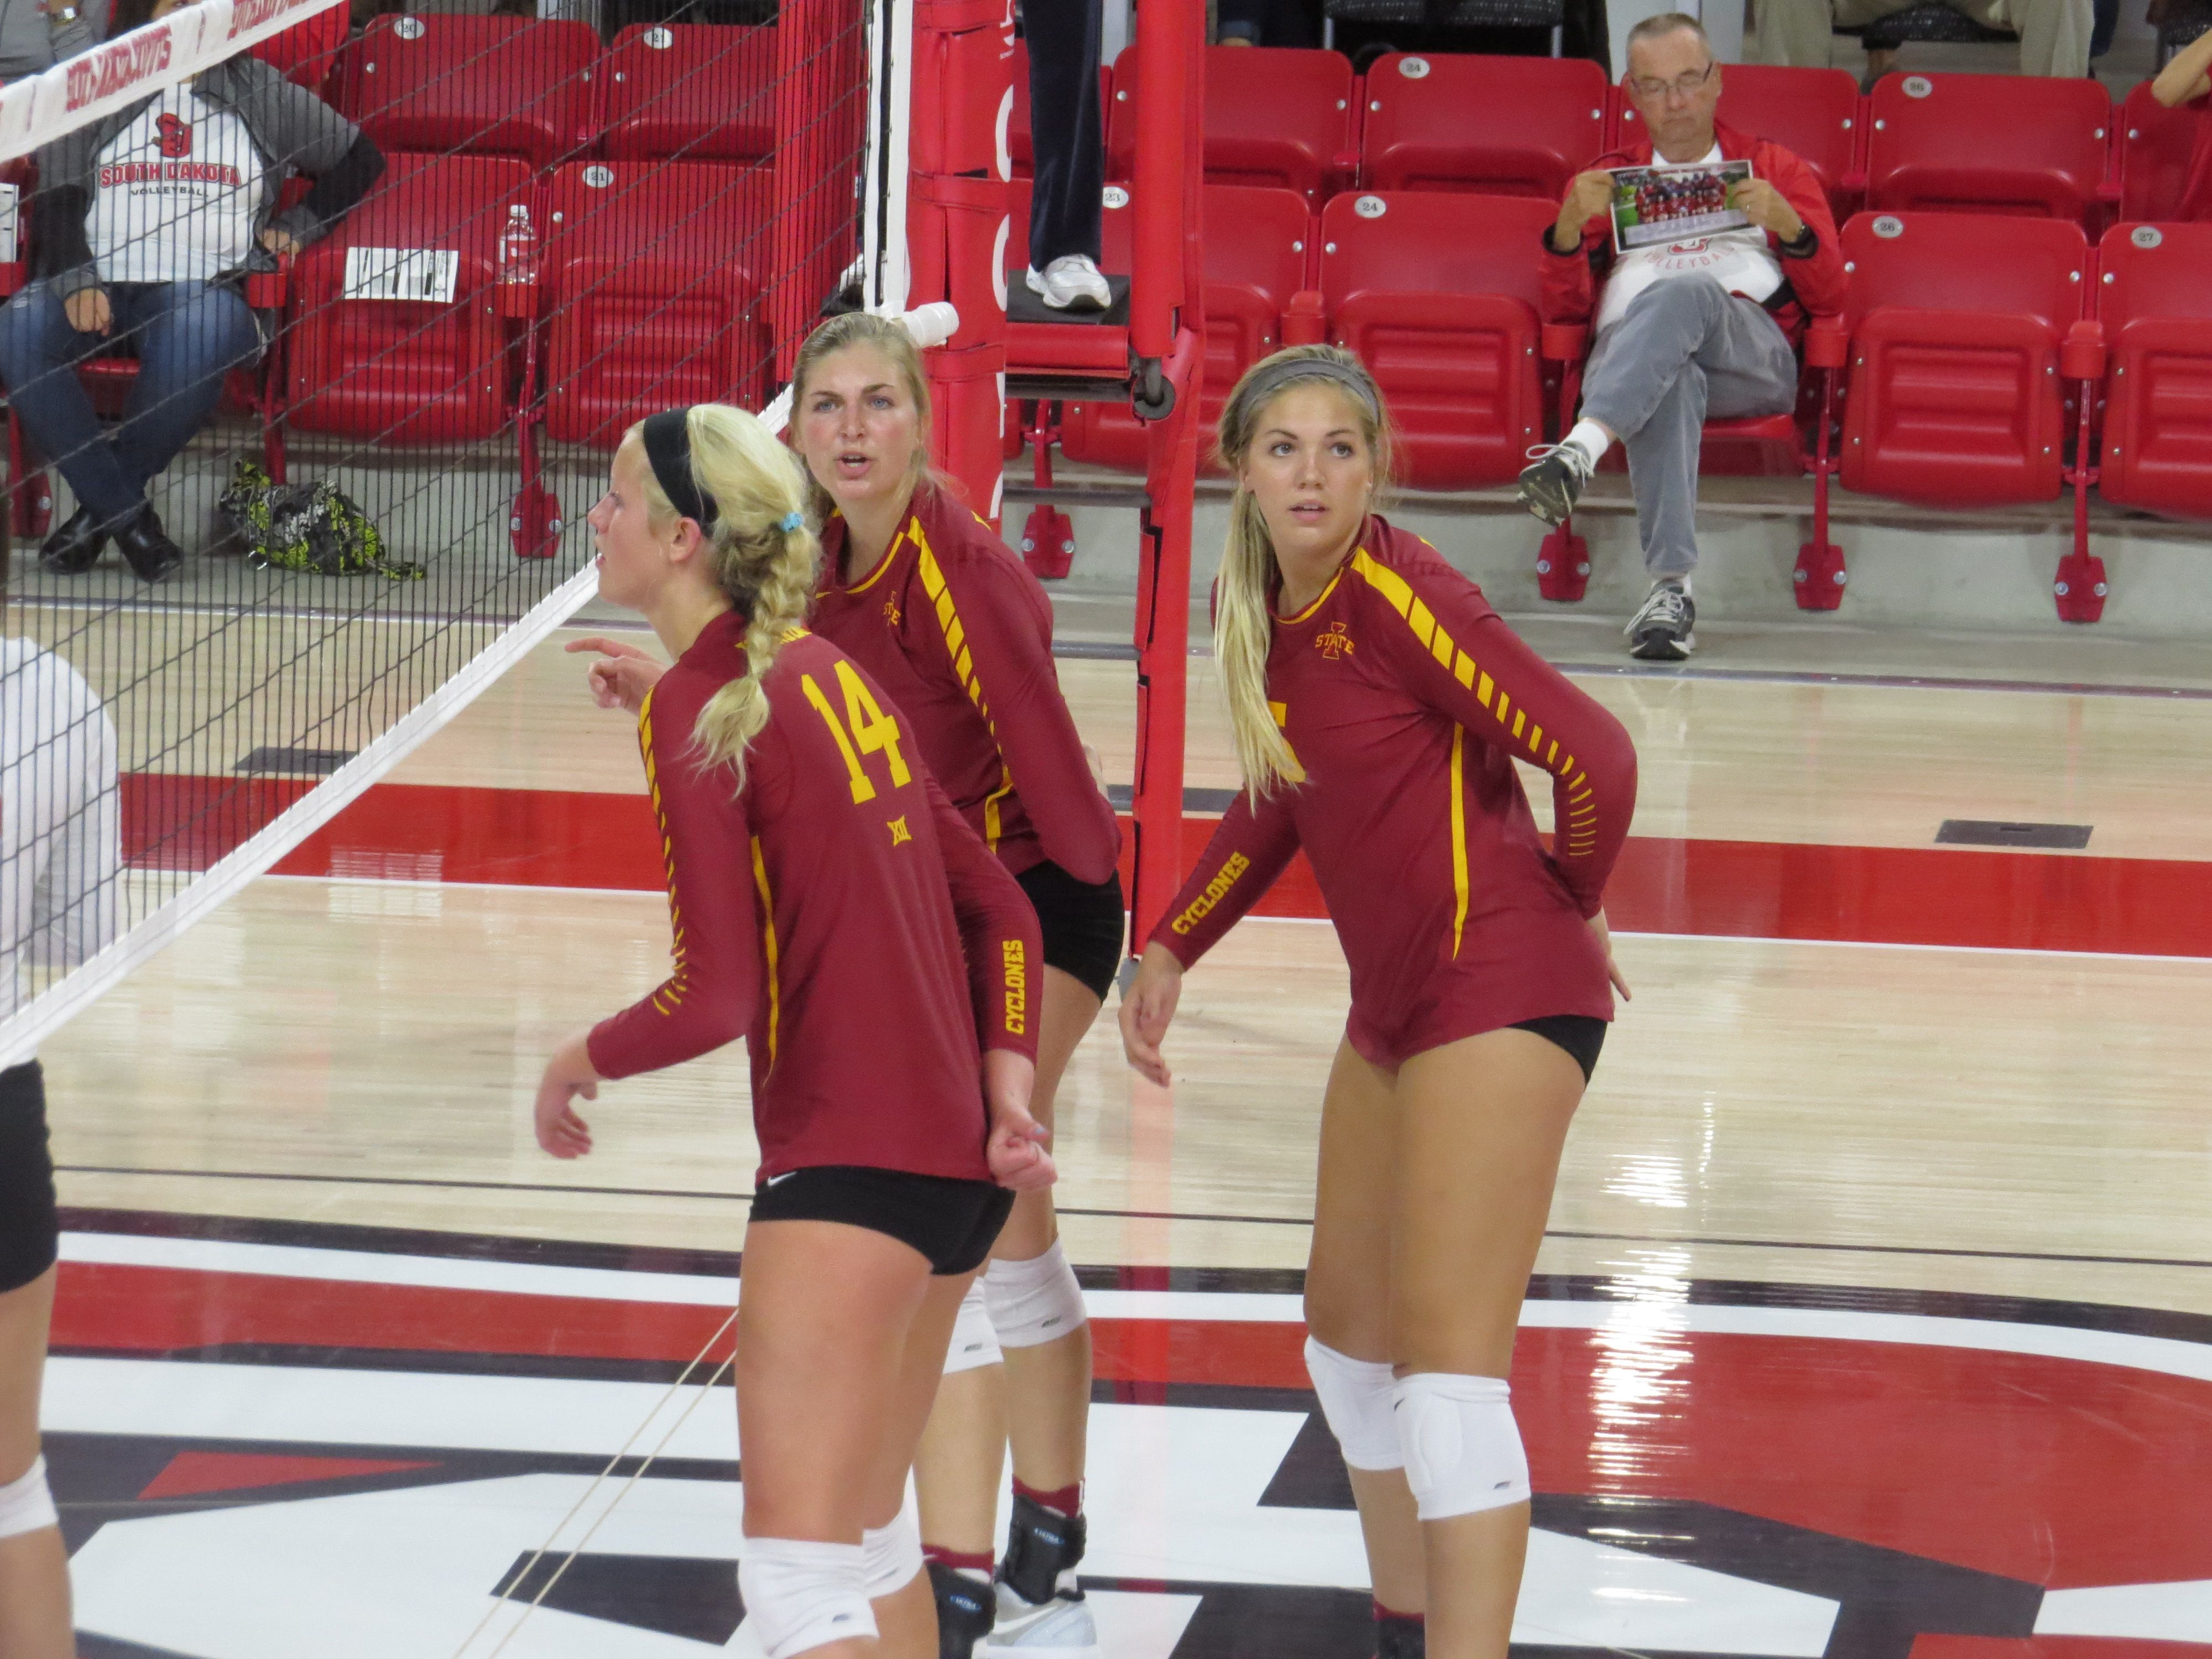 Alexis Conaway Anna Kiel Iowa State Isu Cyclone Volleyball Moc Fv And Unity Girls Isu Cyclones Orange City Iowa State